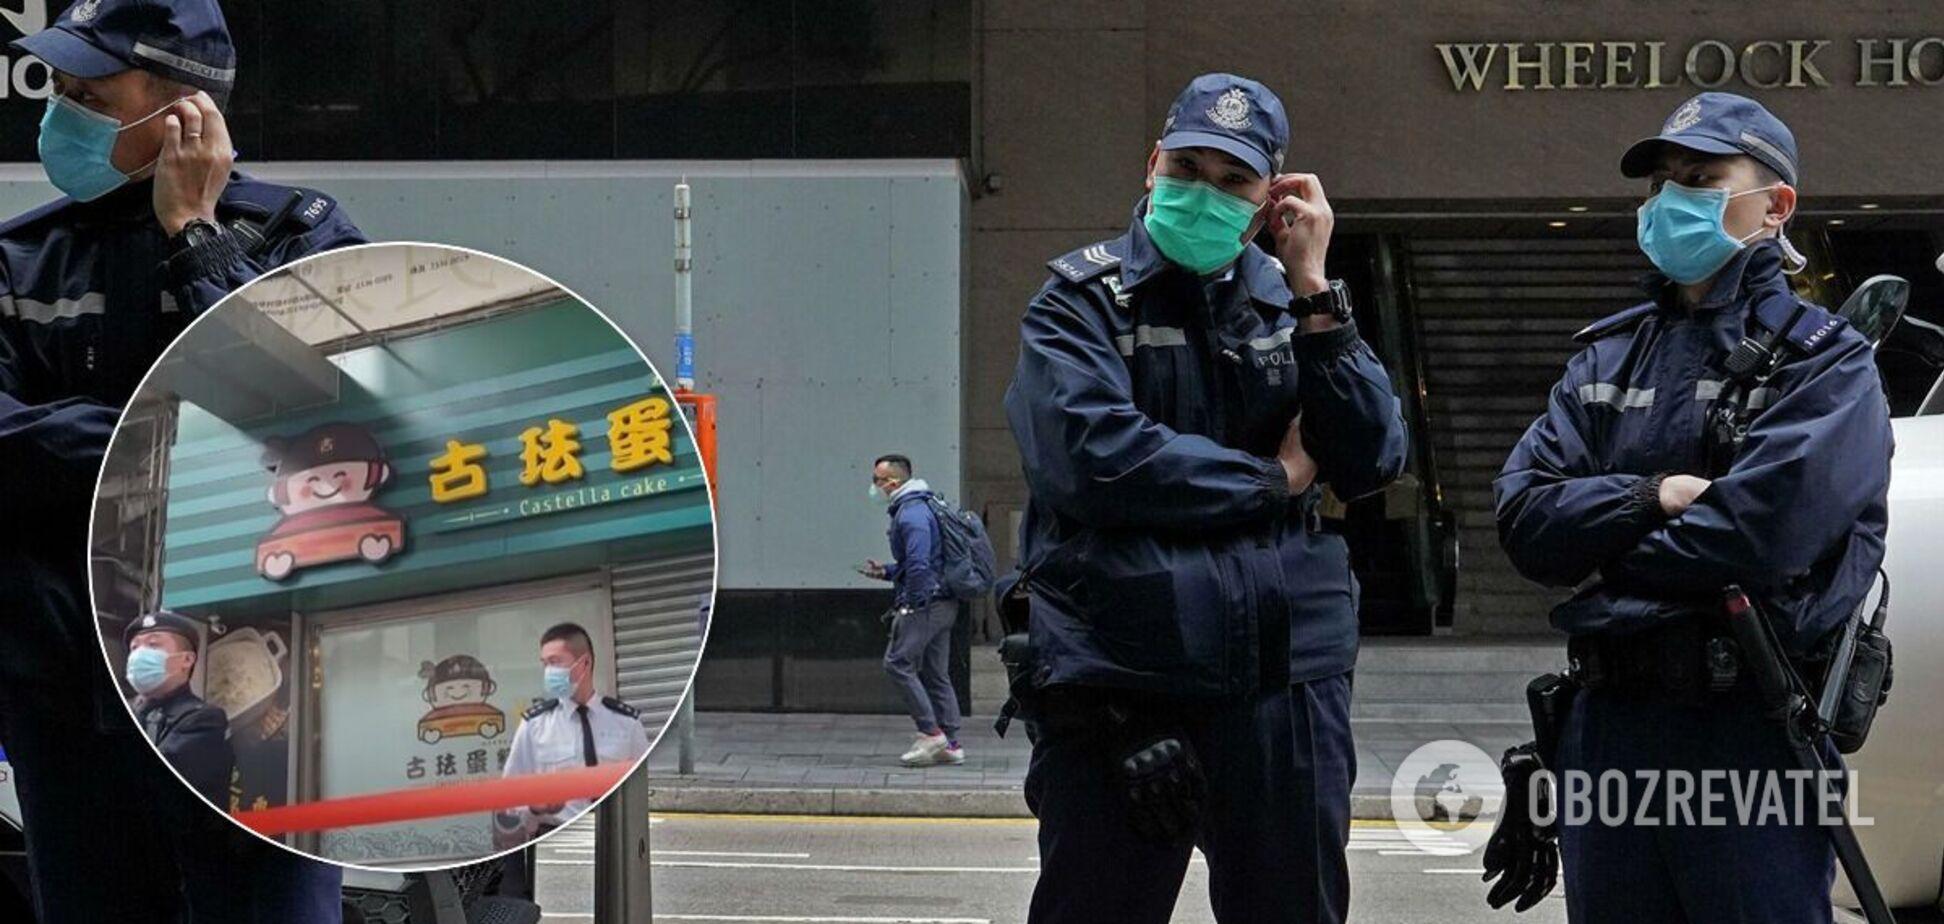 У Гонконзі затримали українця за допомогу у втечі 12 активістів. Фото та відео